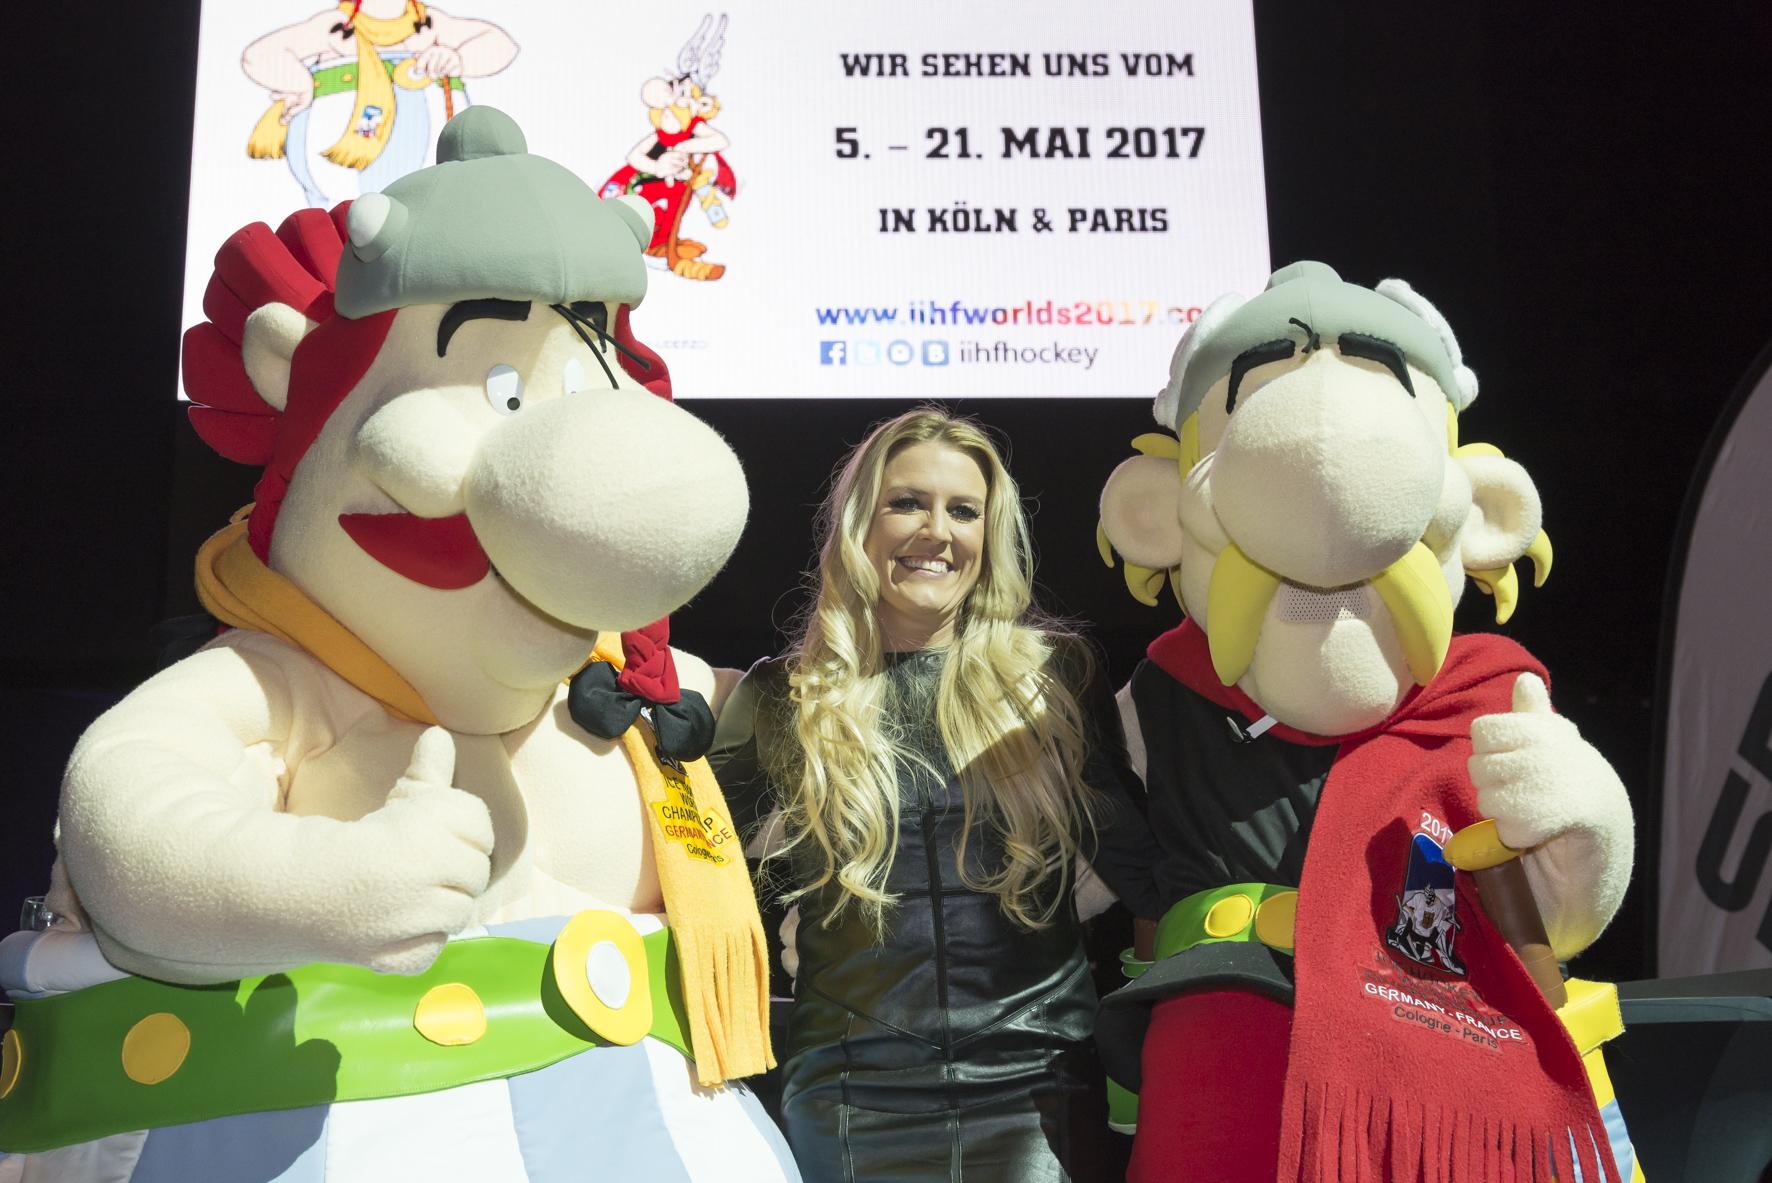 wm frankreich deutschland 2017